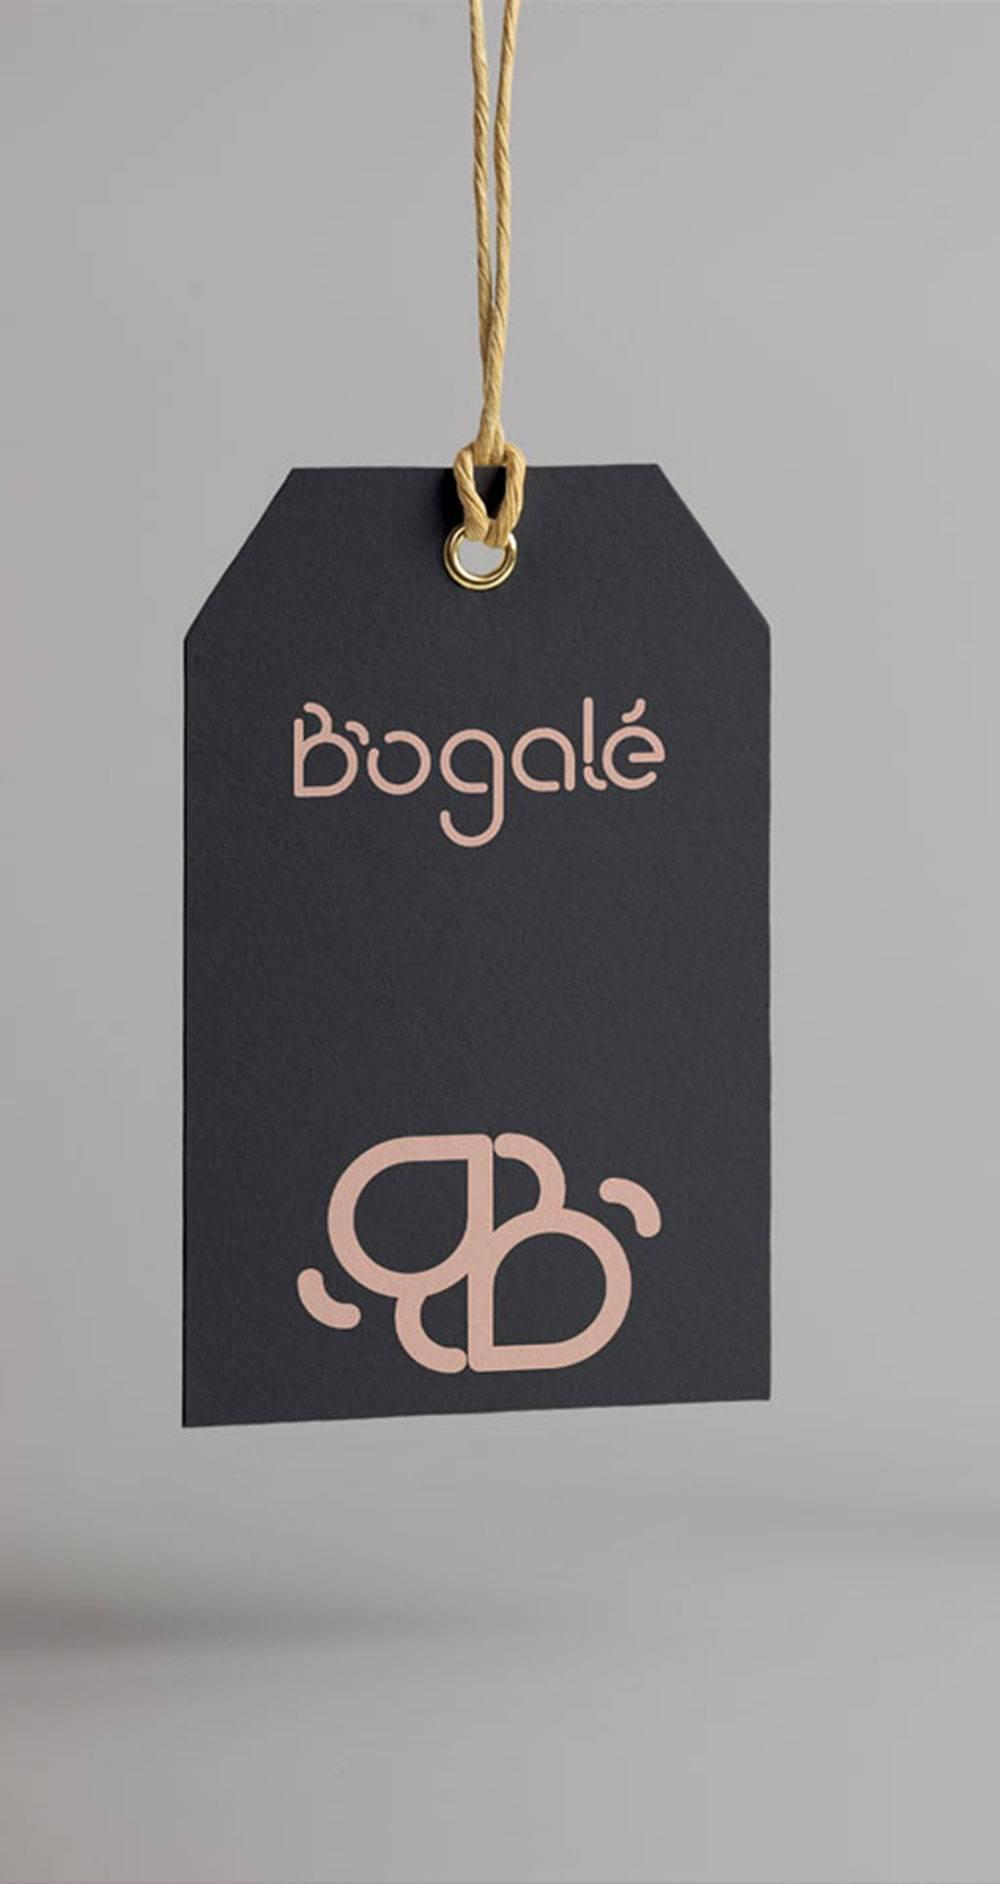 Bogalé